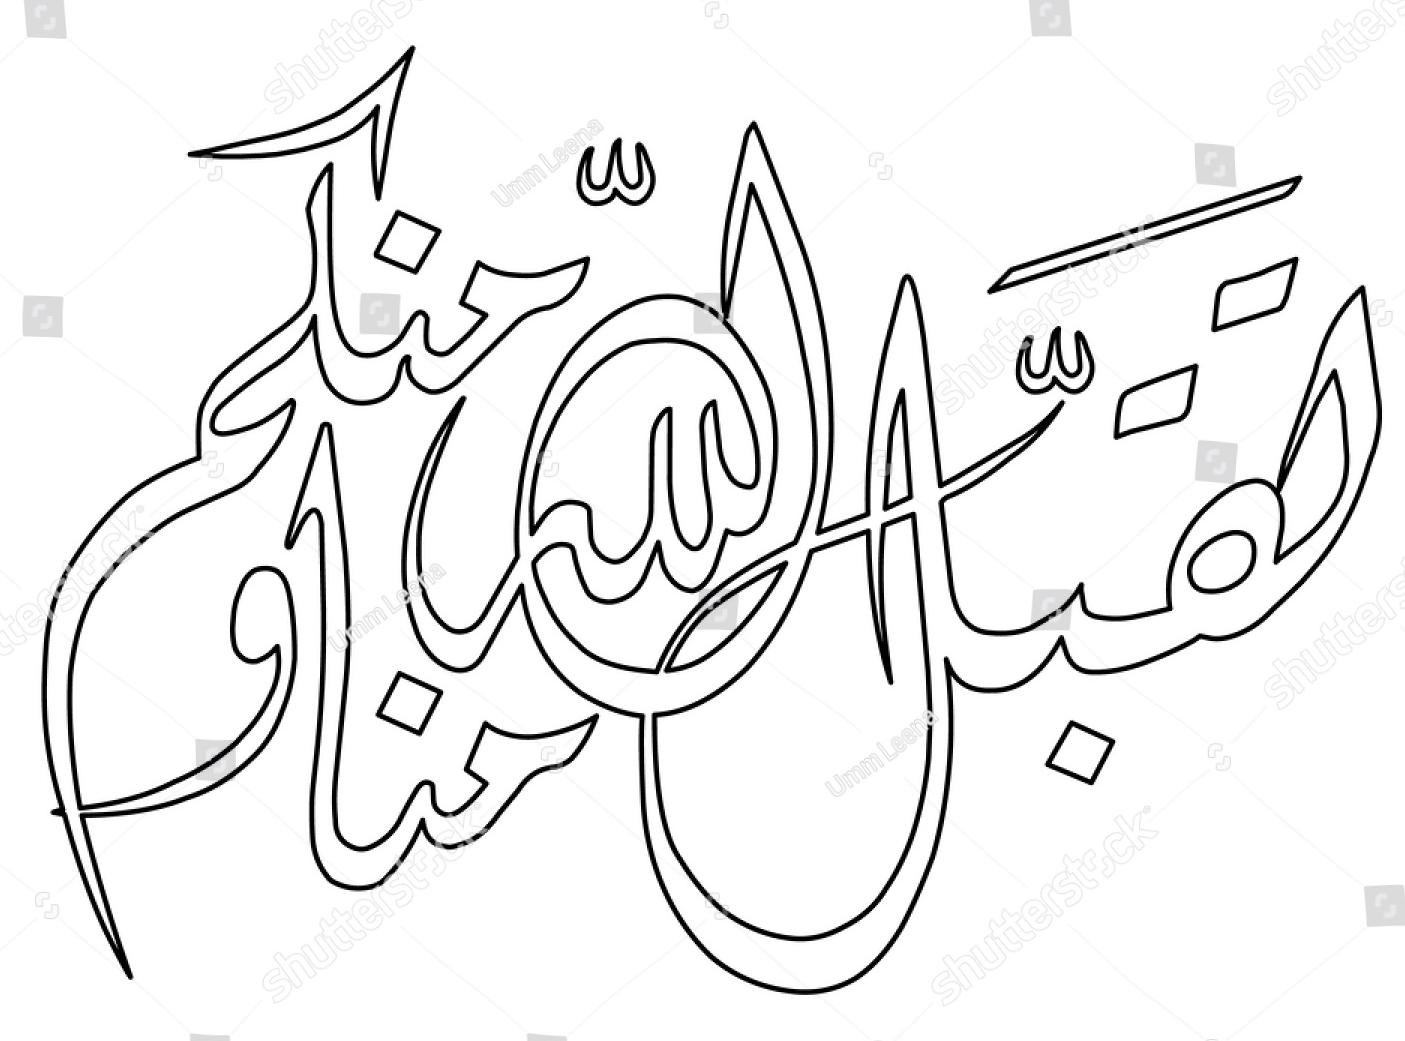 Sketsa Gambar Mewarnai Kaligrafi Arab Terbaru